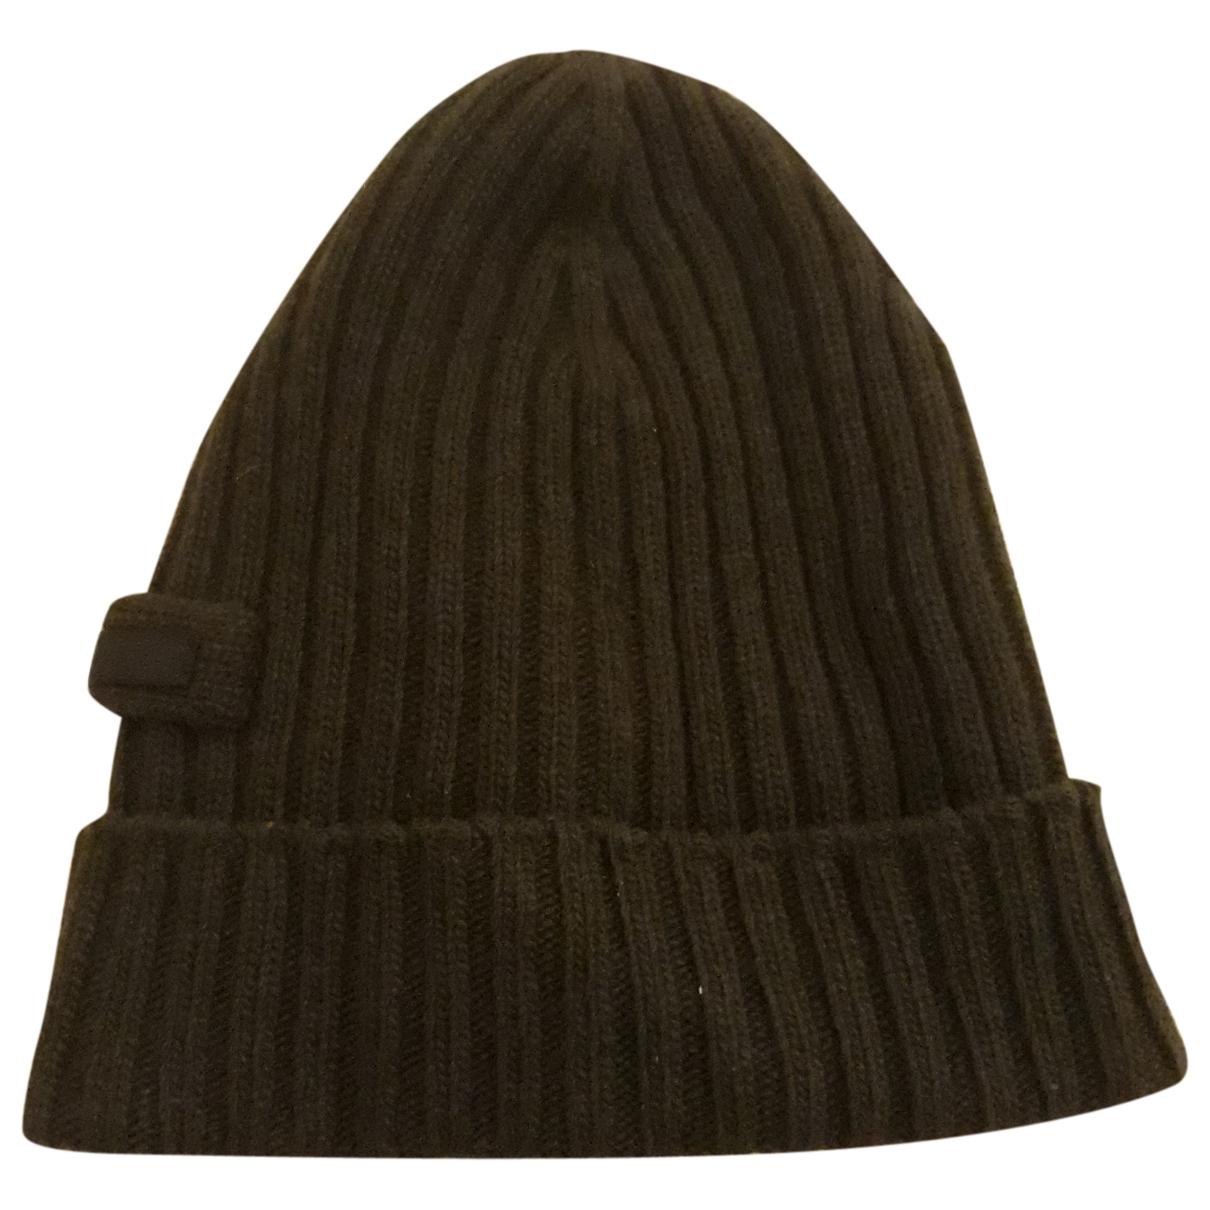 Prada \N Brown Wool hat & pull on hat for Men M International